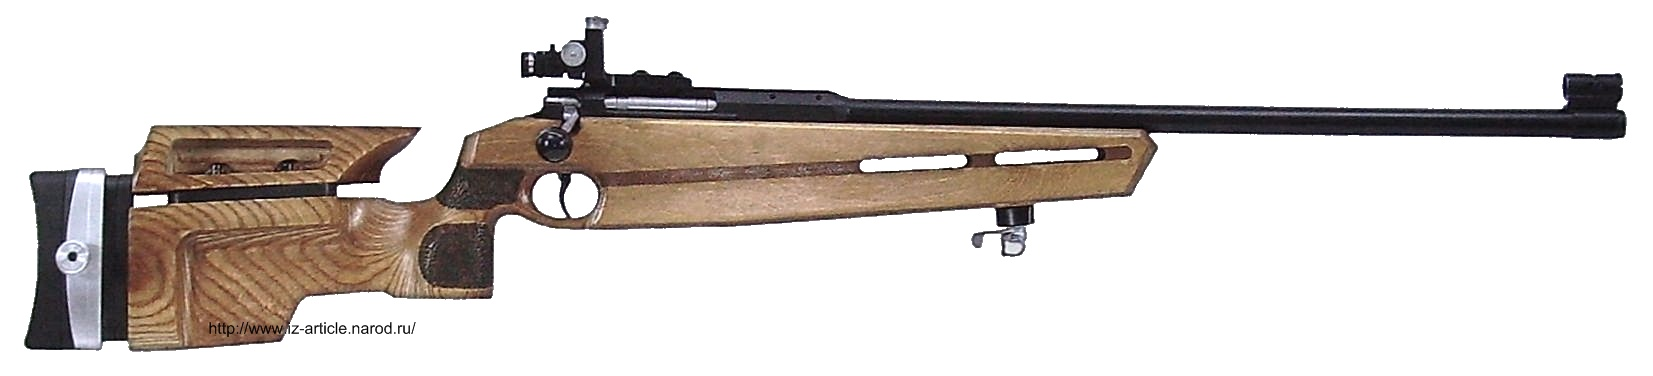 Стандартная спортивная винтовка Рекорд-CISM.